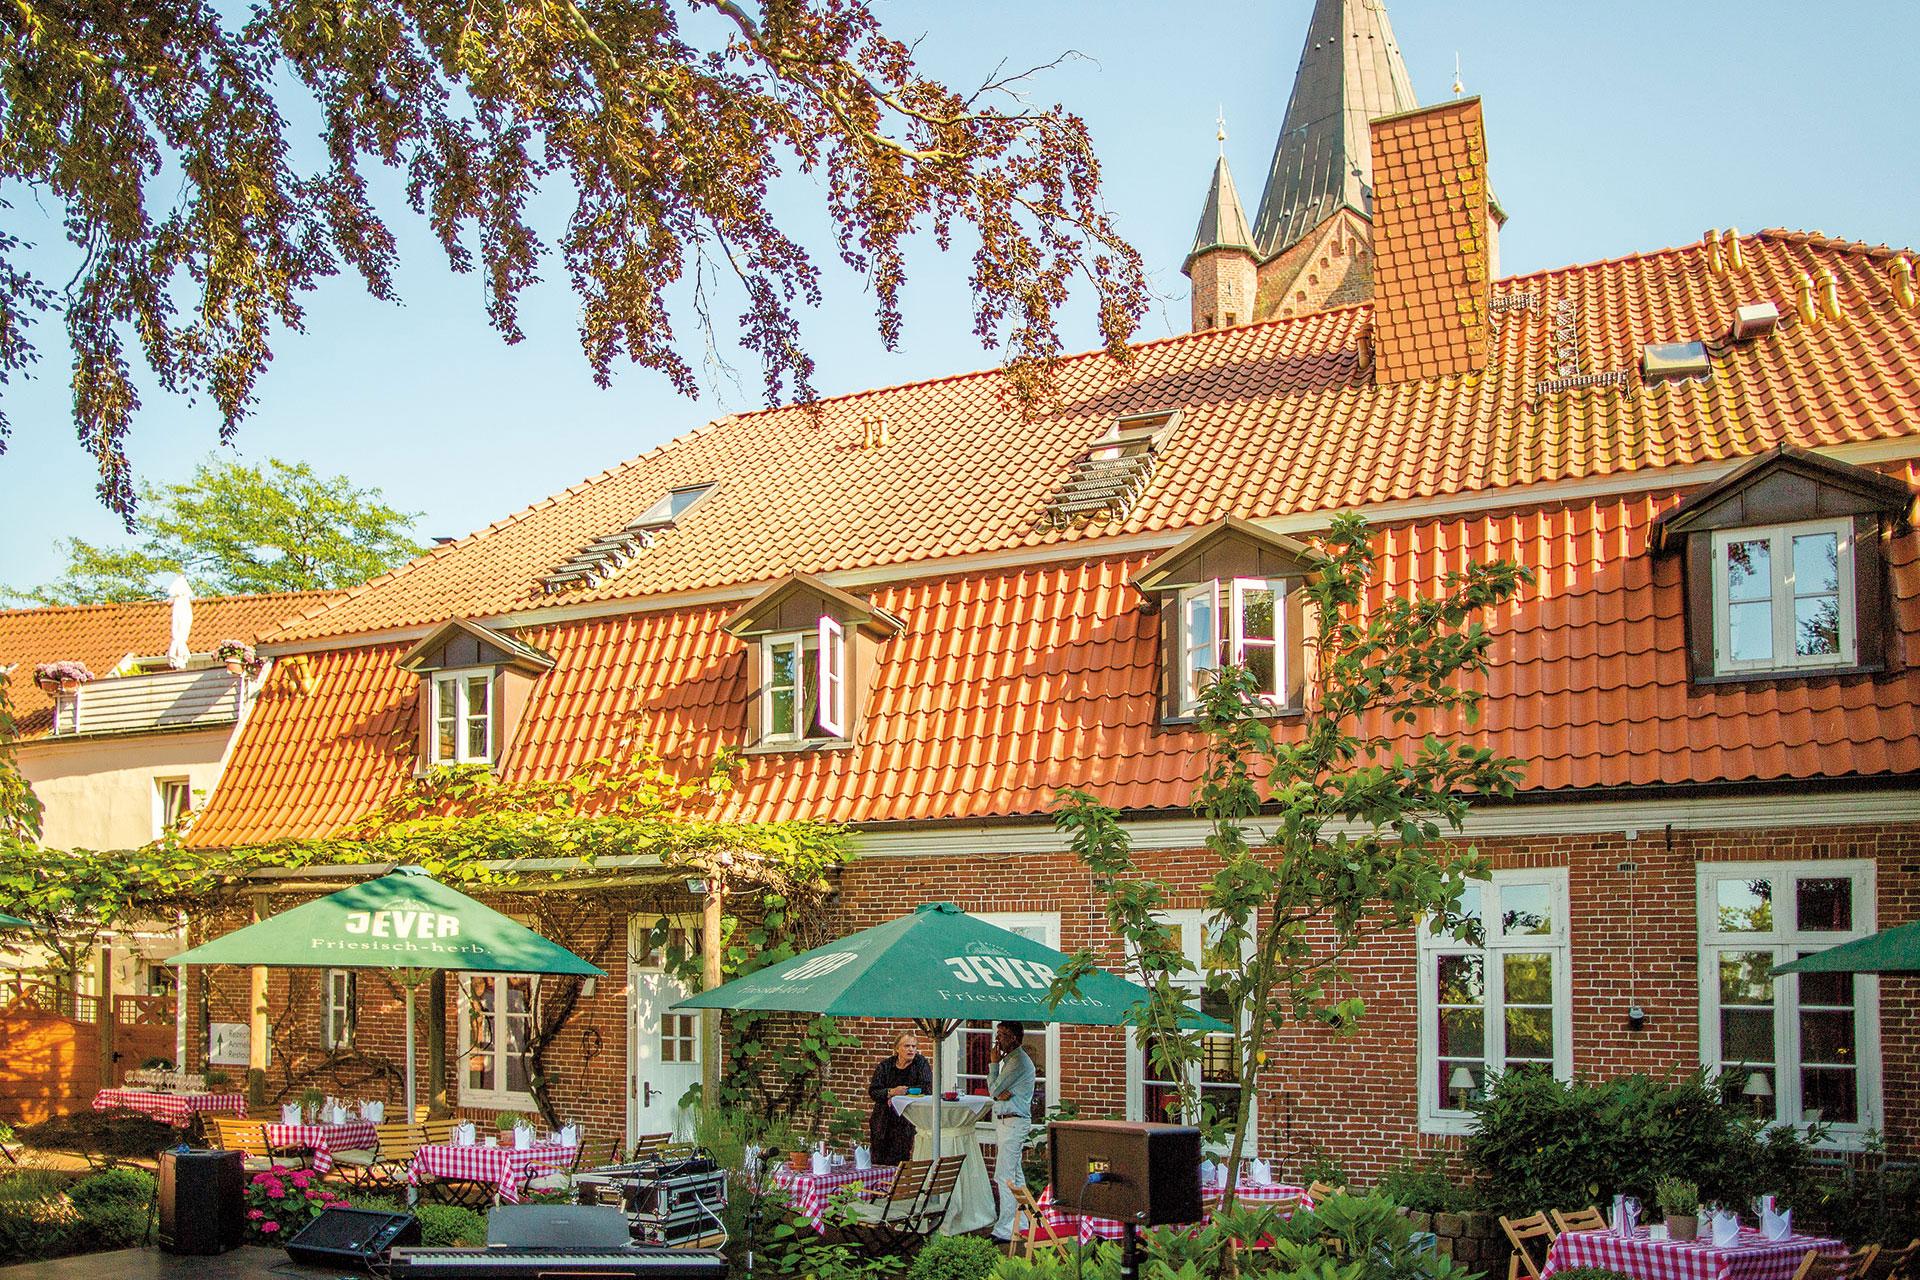 Biergarten in Westerstede